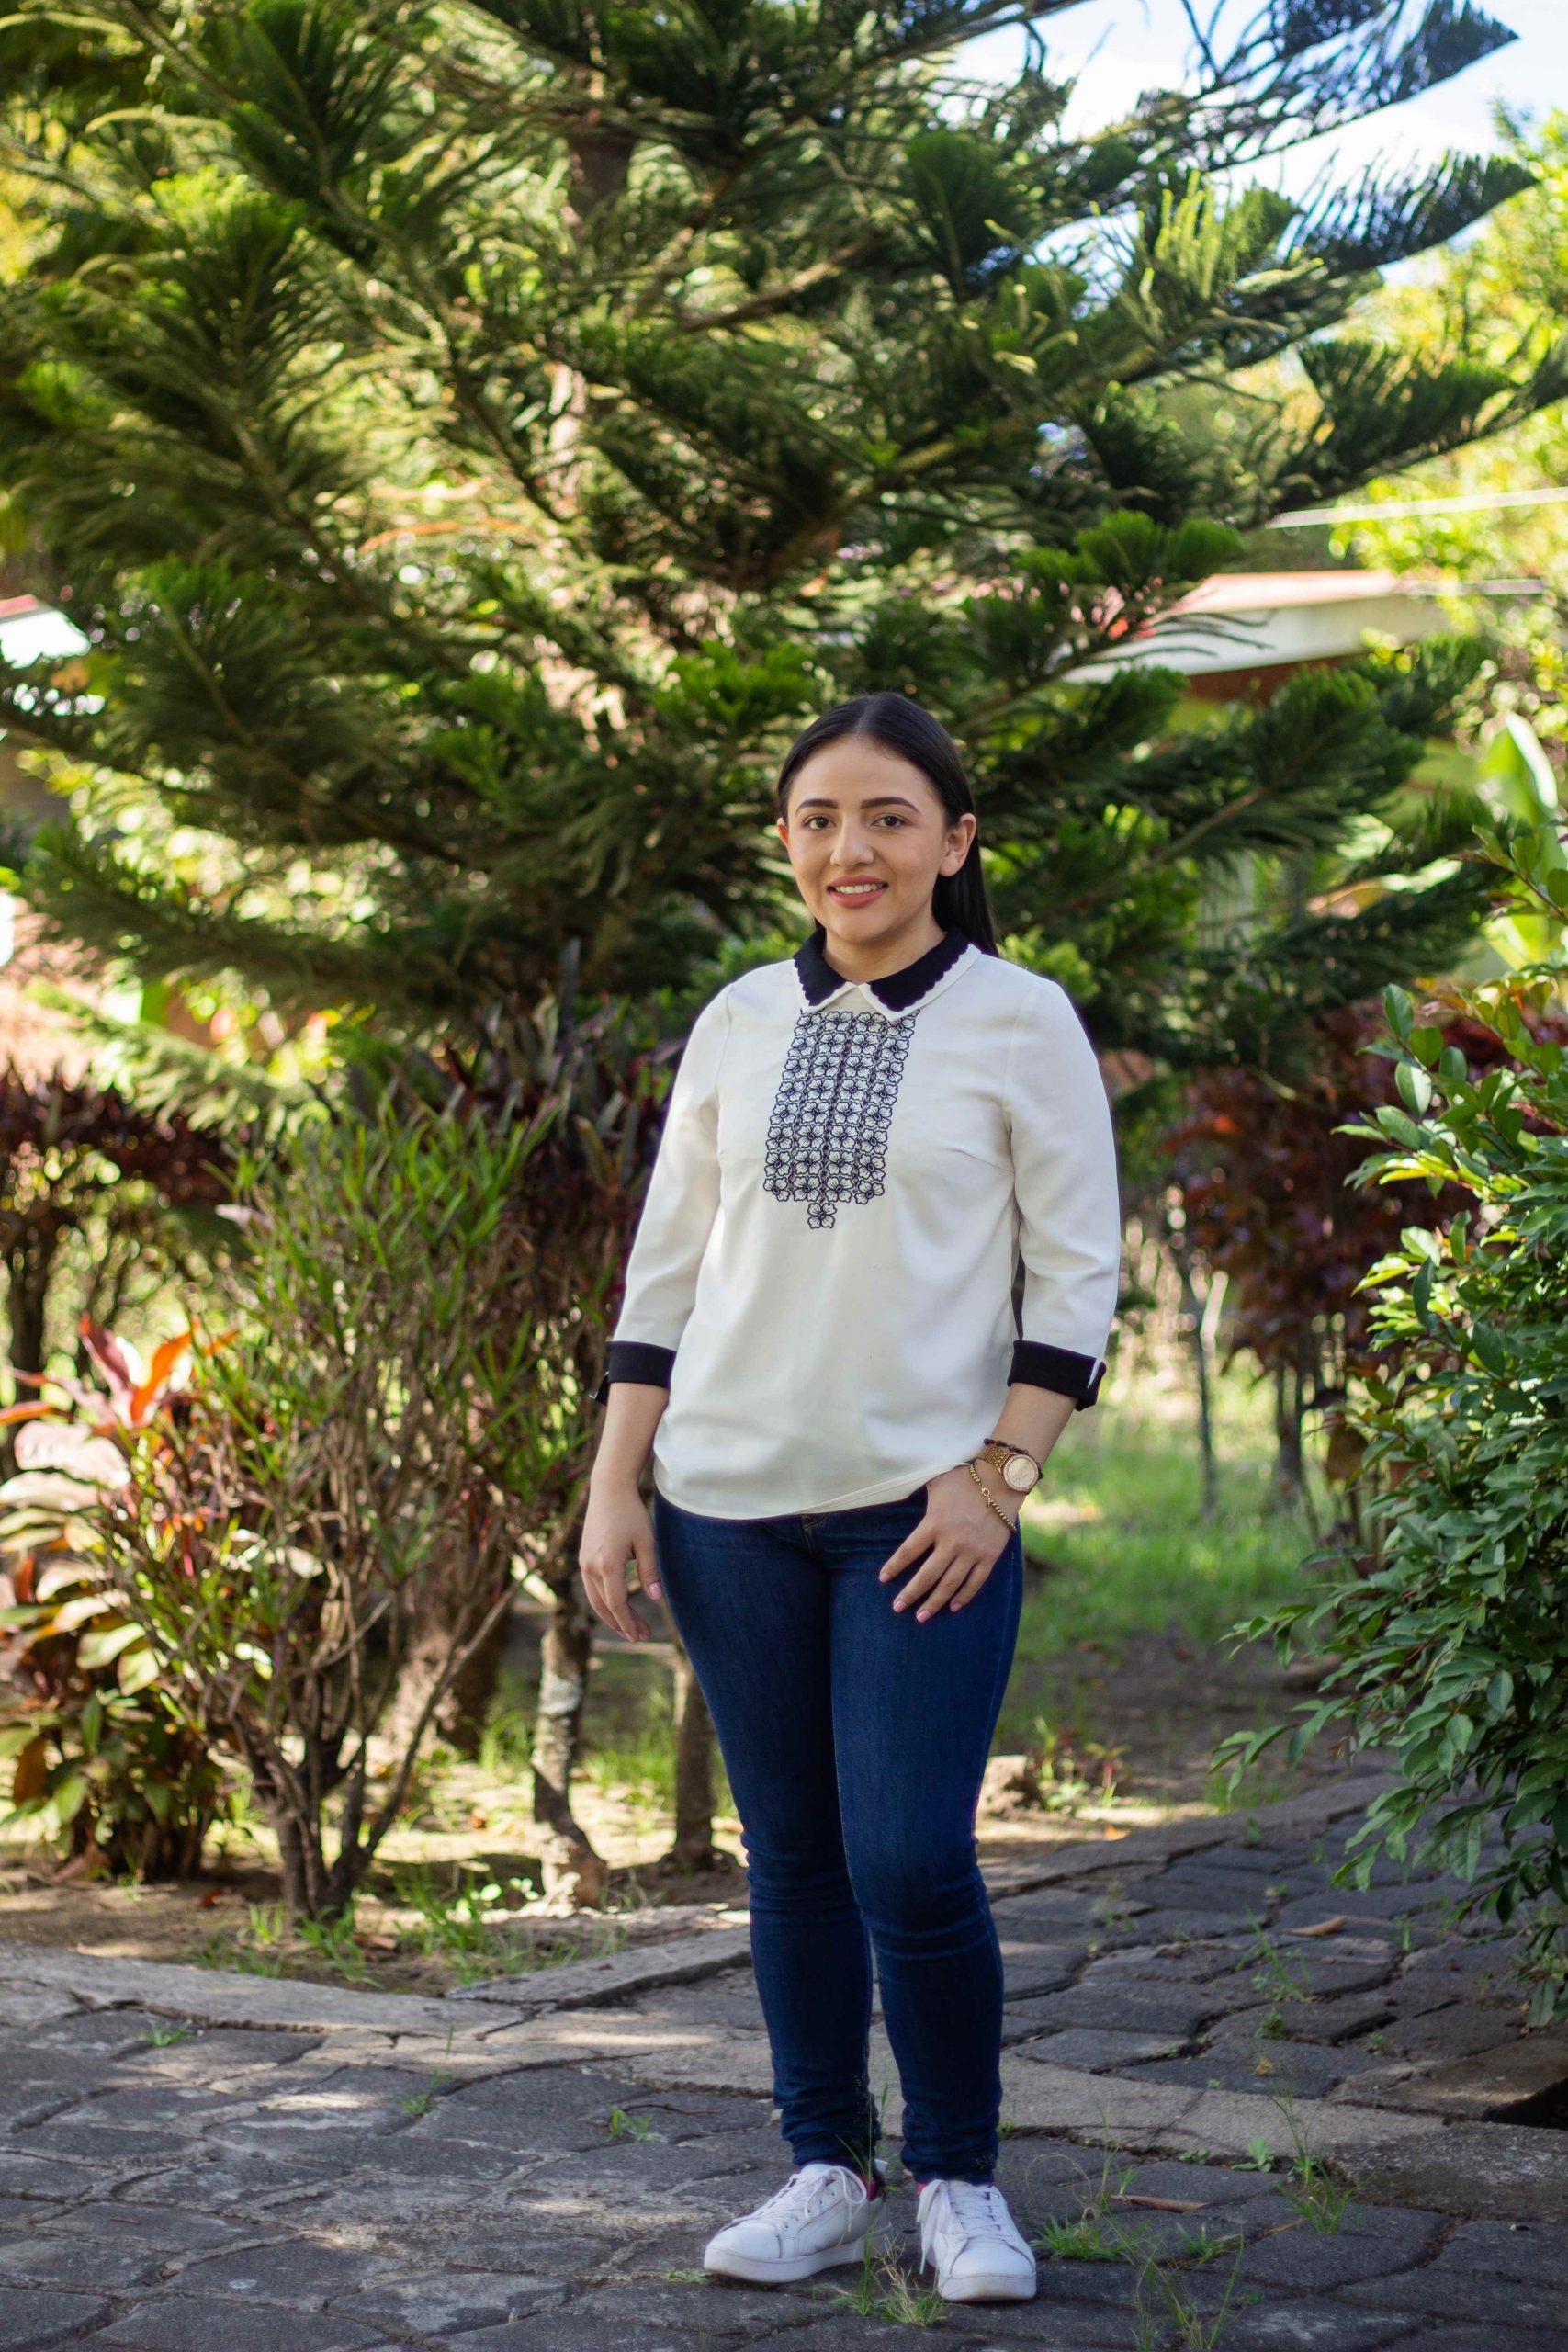 Eva ist im SOS-Kinderdorf Estelí aufgewachsen und ist für ihre Assistenzzeit dorthin zurückgekehrt.